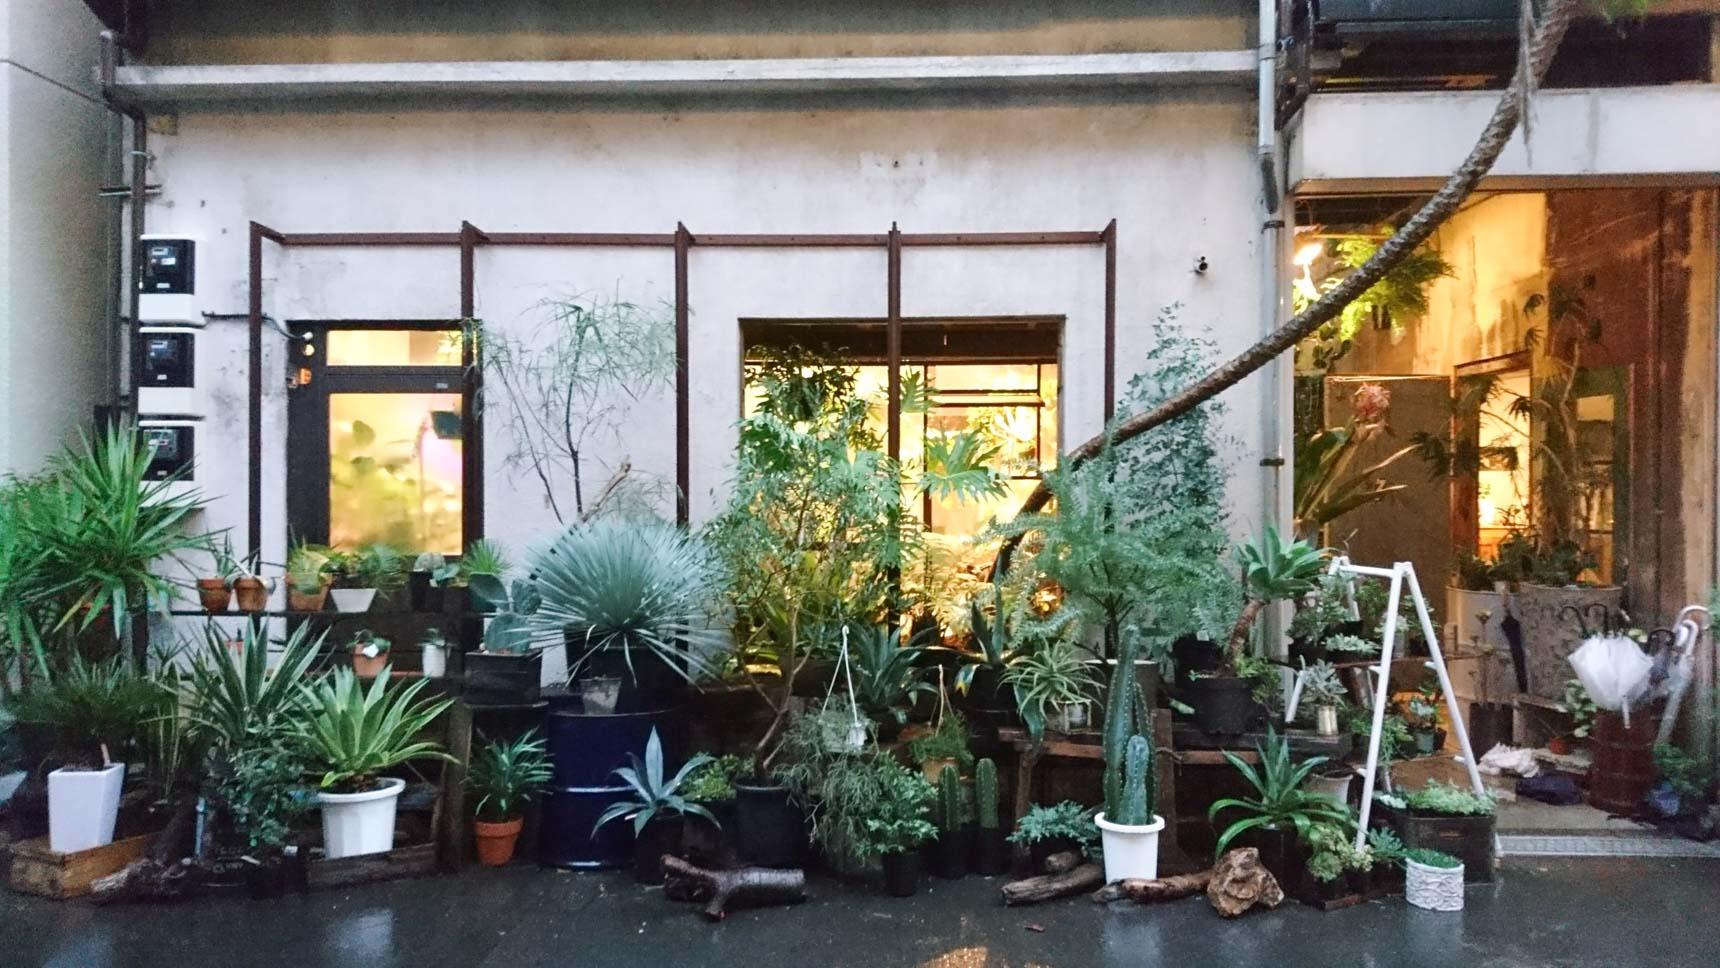 上野の裏路地に誕生したクリエイティブ空間『ROUTE BOOKS』(東京ブックカフェ巡り Vol.2)